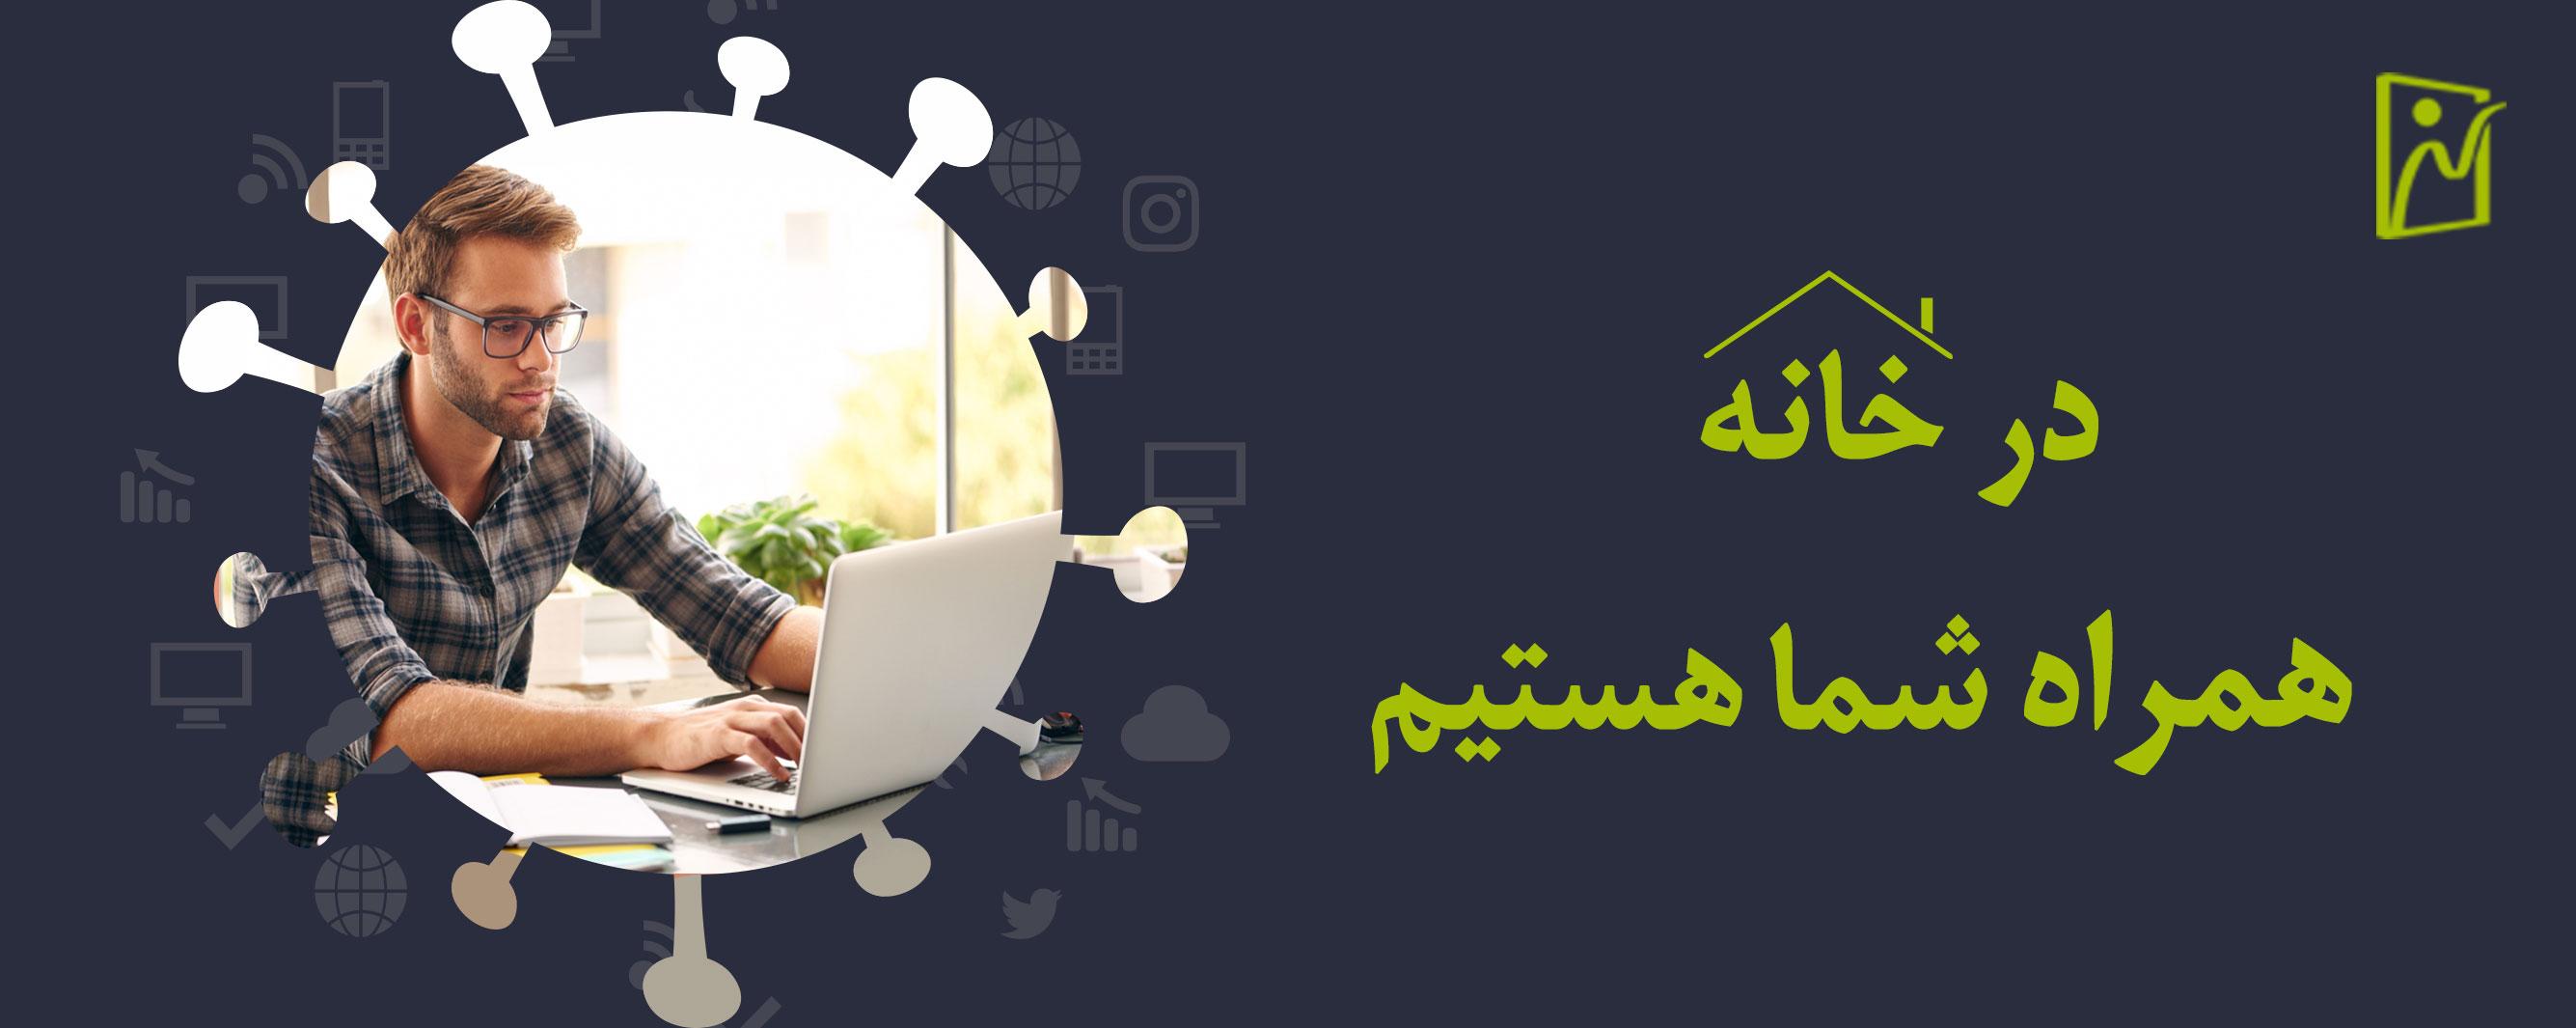 طراحی وب سایت  وسئوسازی سایت در کاشان، طراحی اپلیکیشن اندروید و ios در کاشان، دیجیتال مارکتینگ کاشان